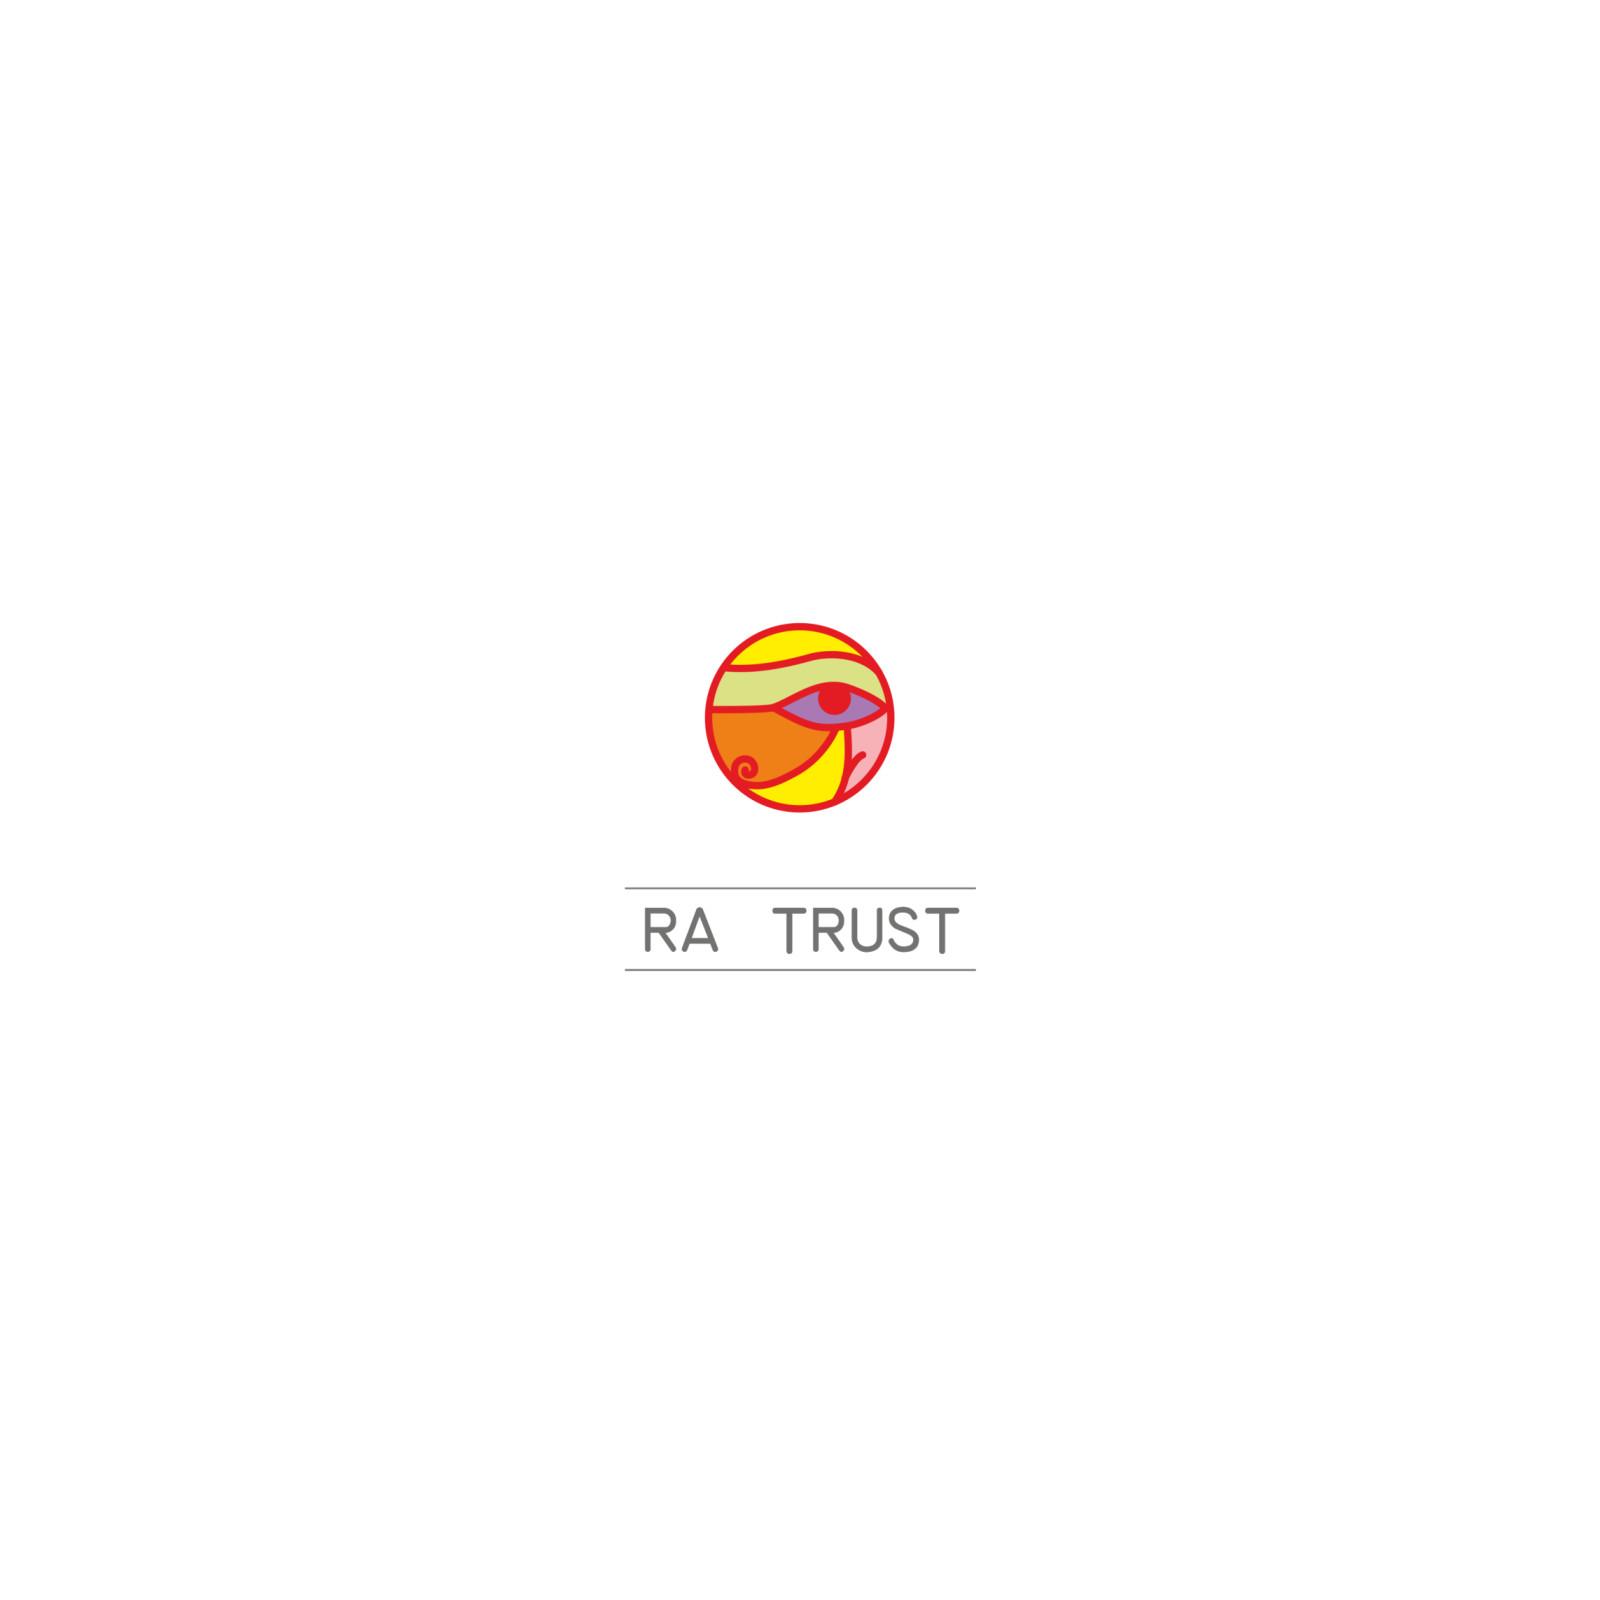 Ra Trust